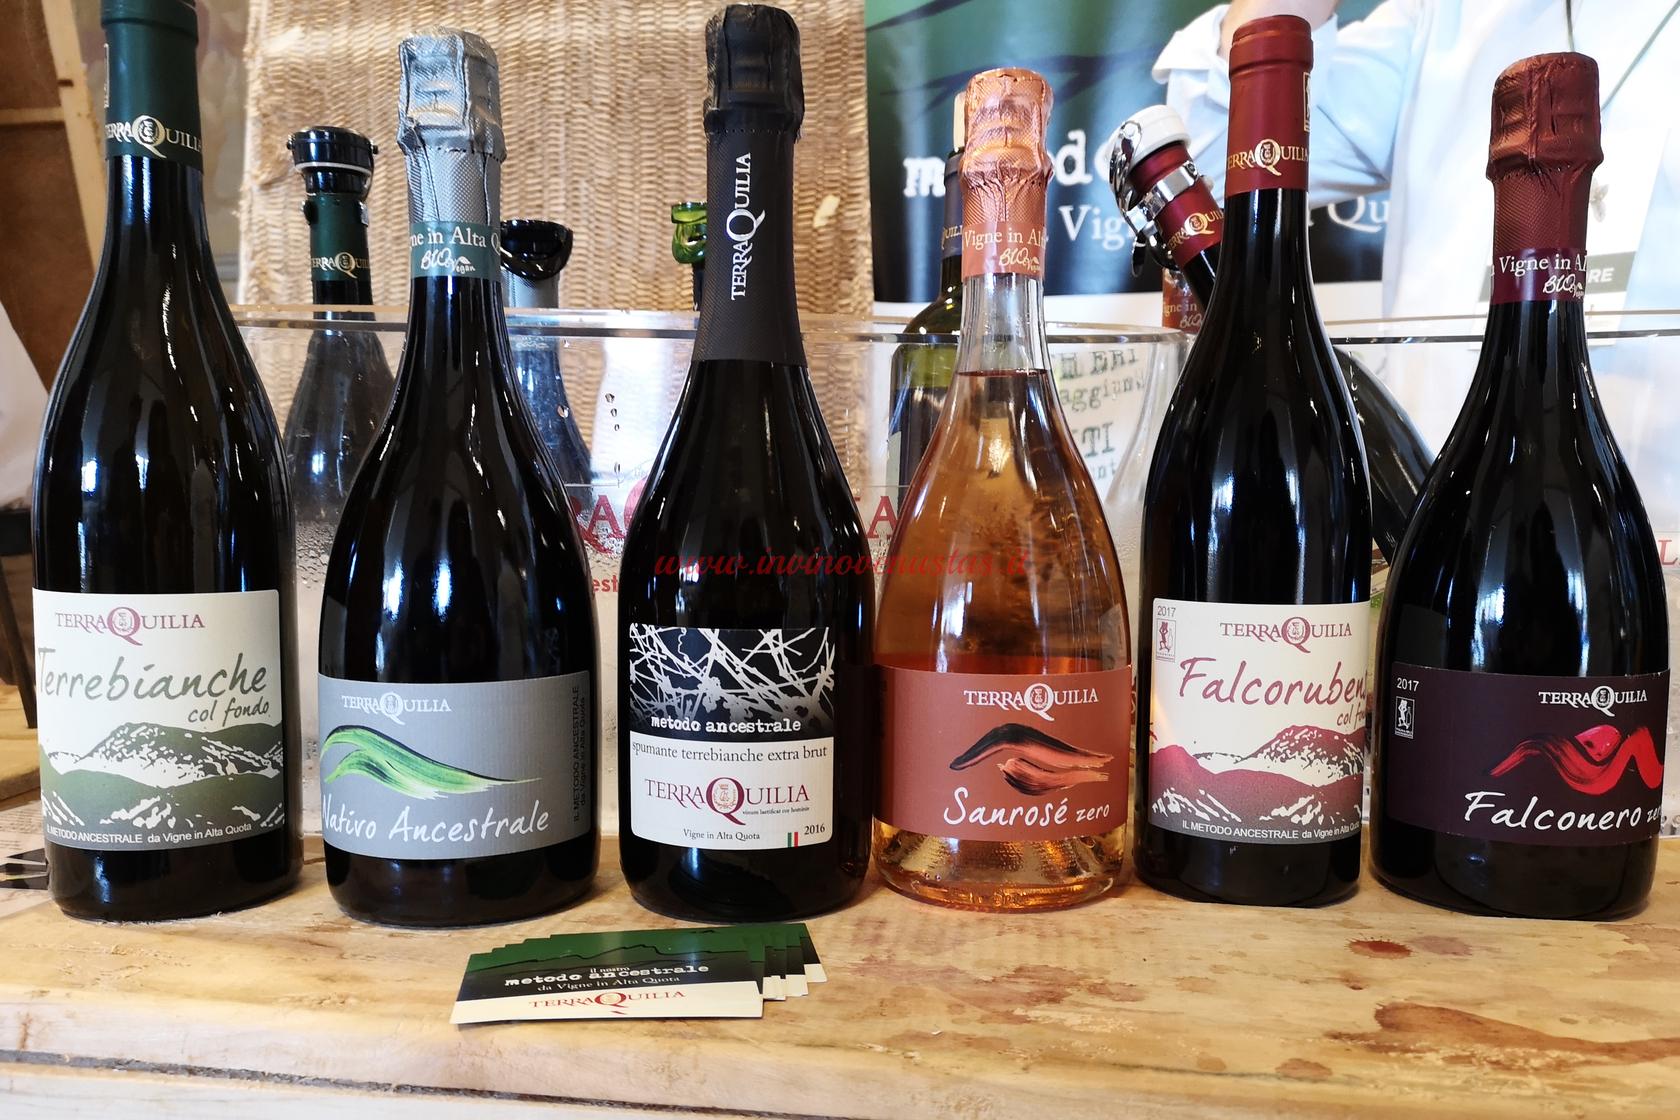 Vini Terraquilia degustazione Enologica 2019